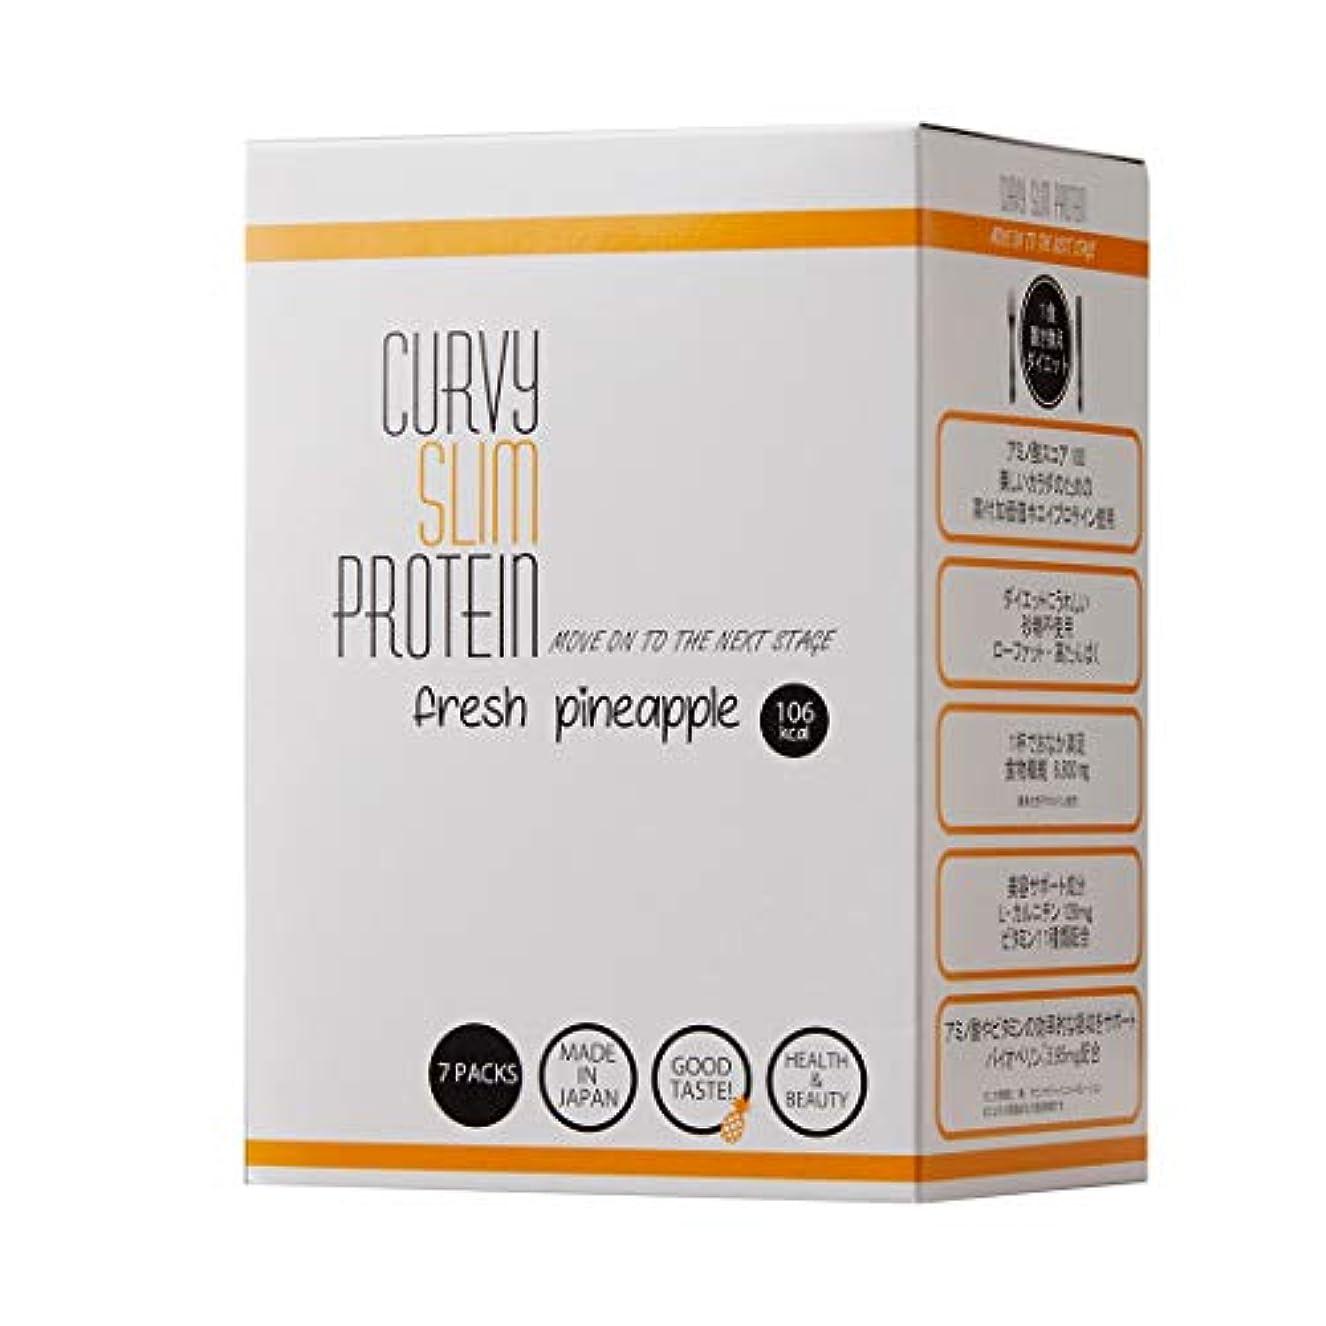 クラッチシンボル子供時代カーヴィースリム® プロテイン フレッシュパイナップル 置き換え ダイエット 7包(7食分)